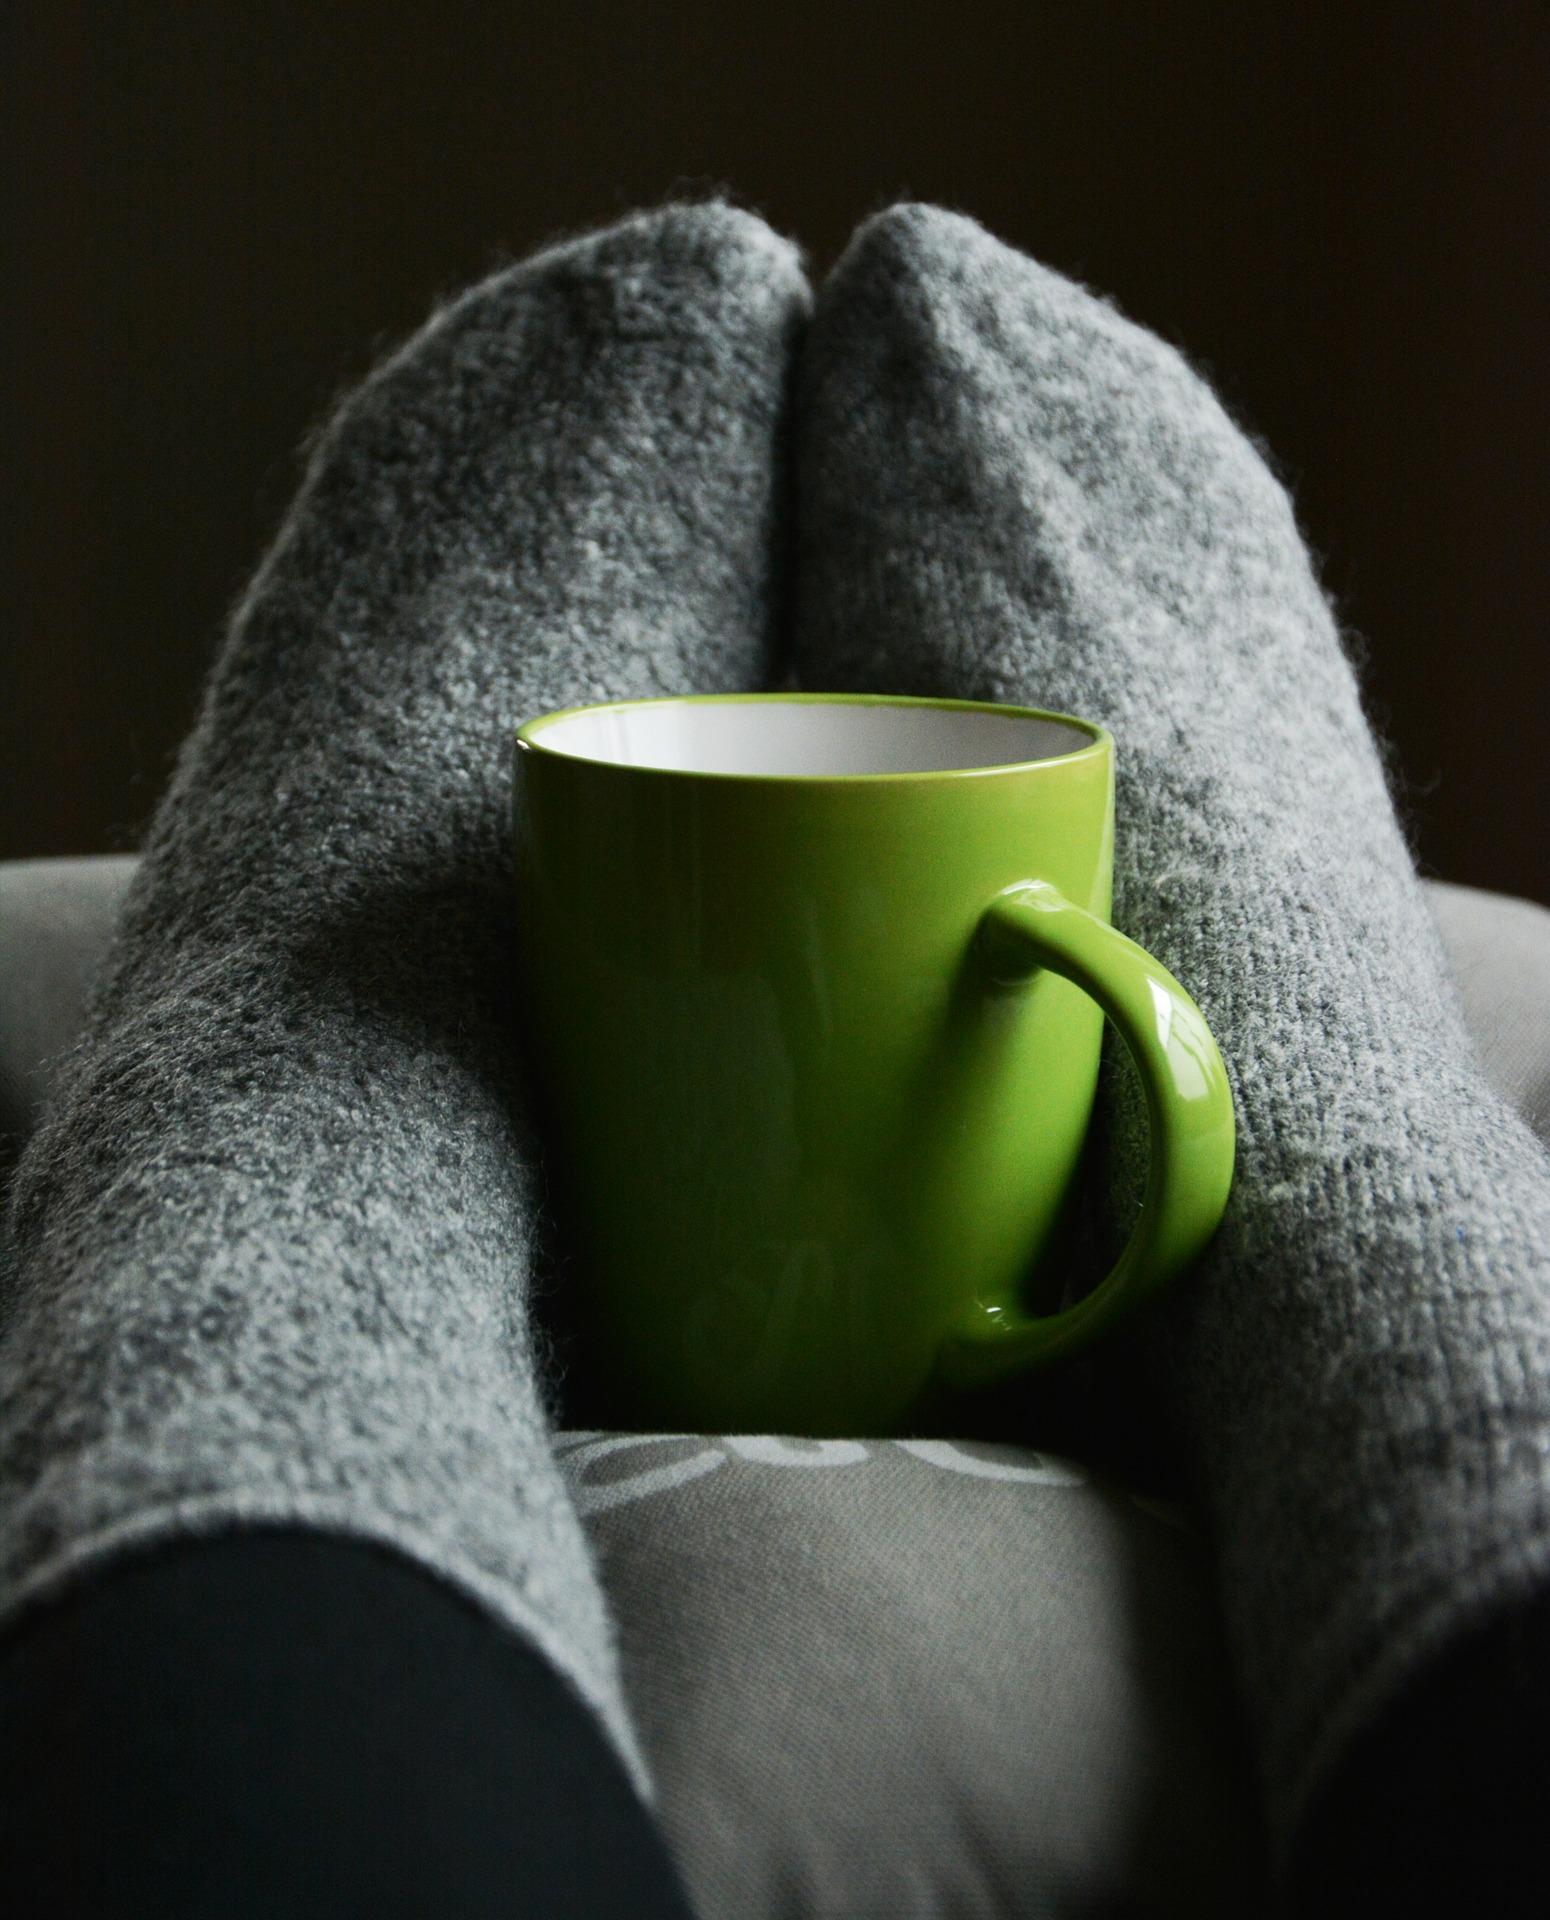 Kalte Füße: Wirkungsvolle Tipps für schön warme Füße